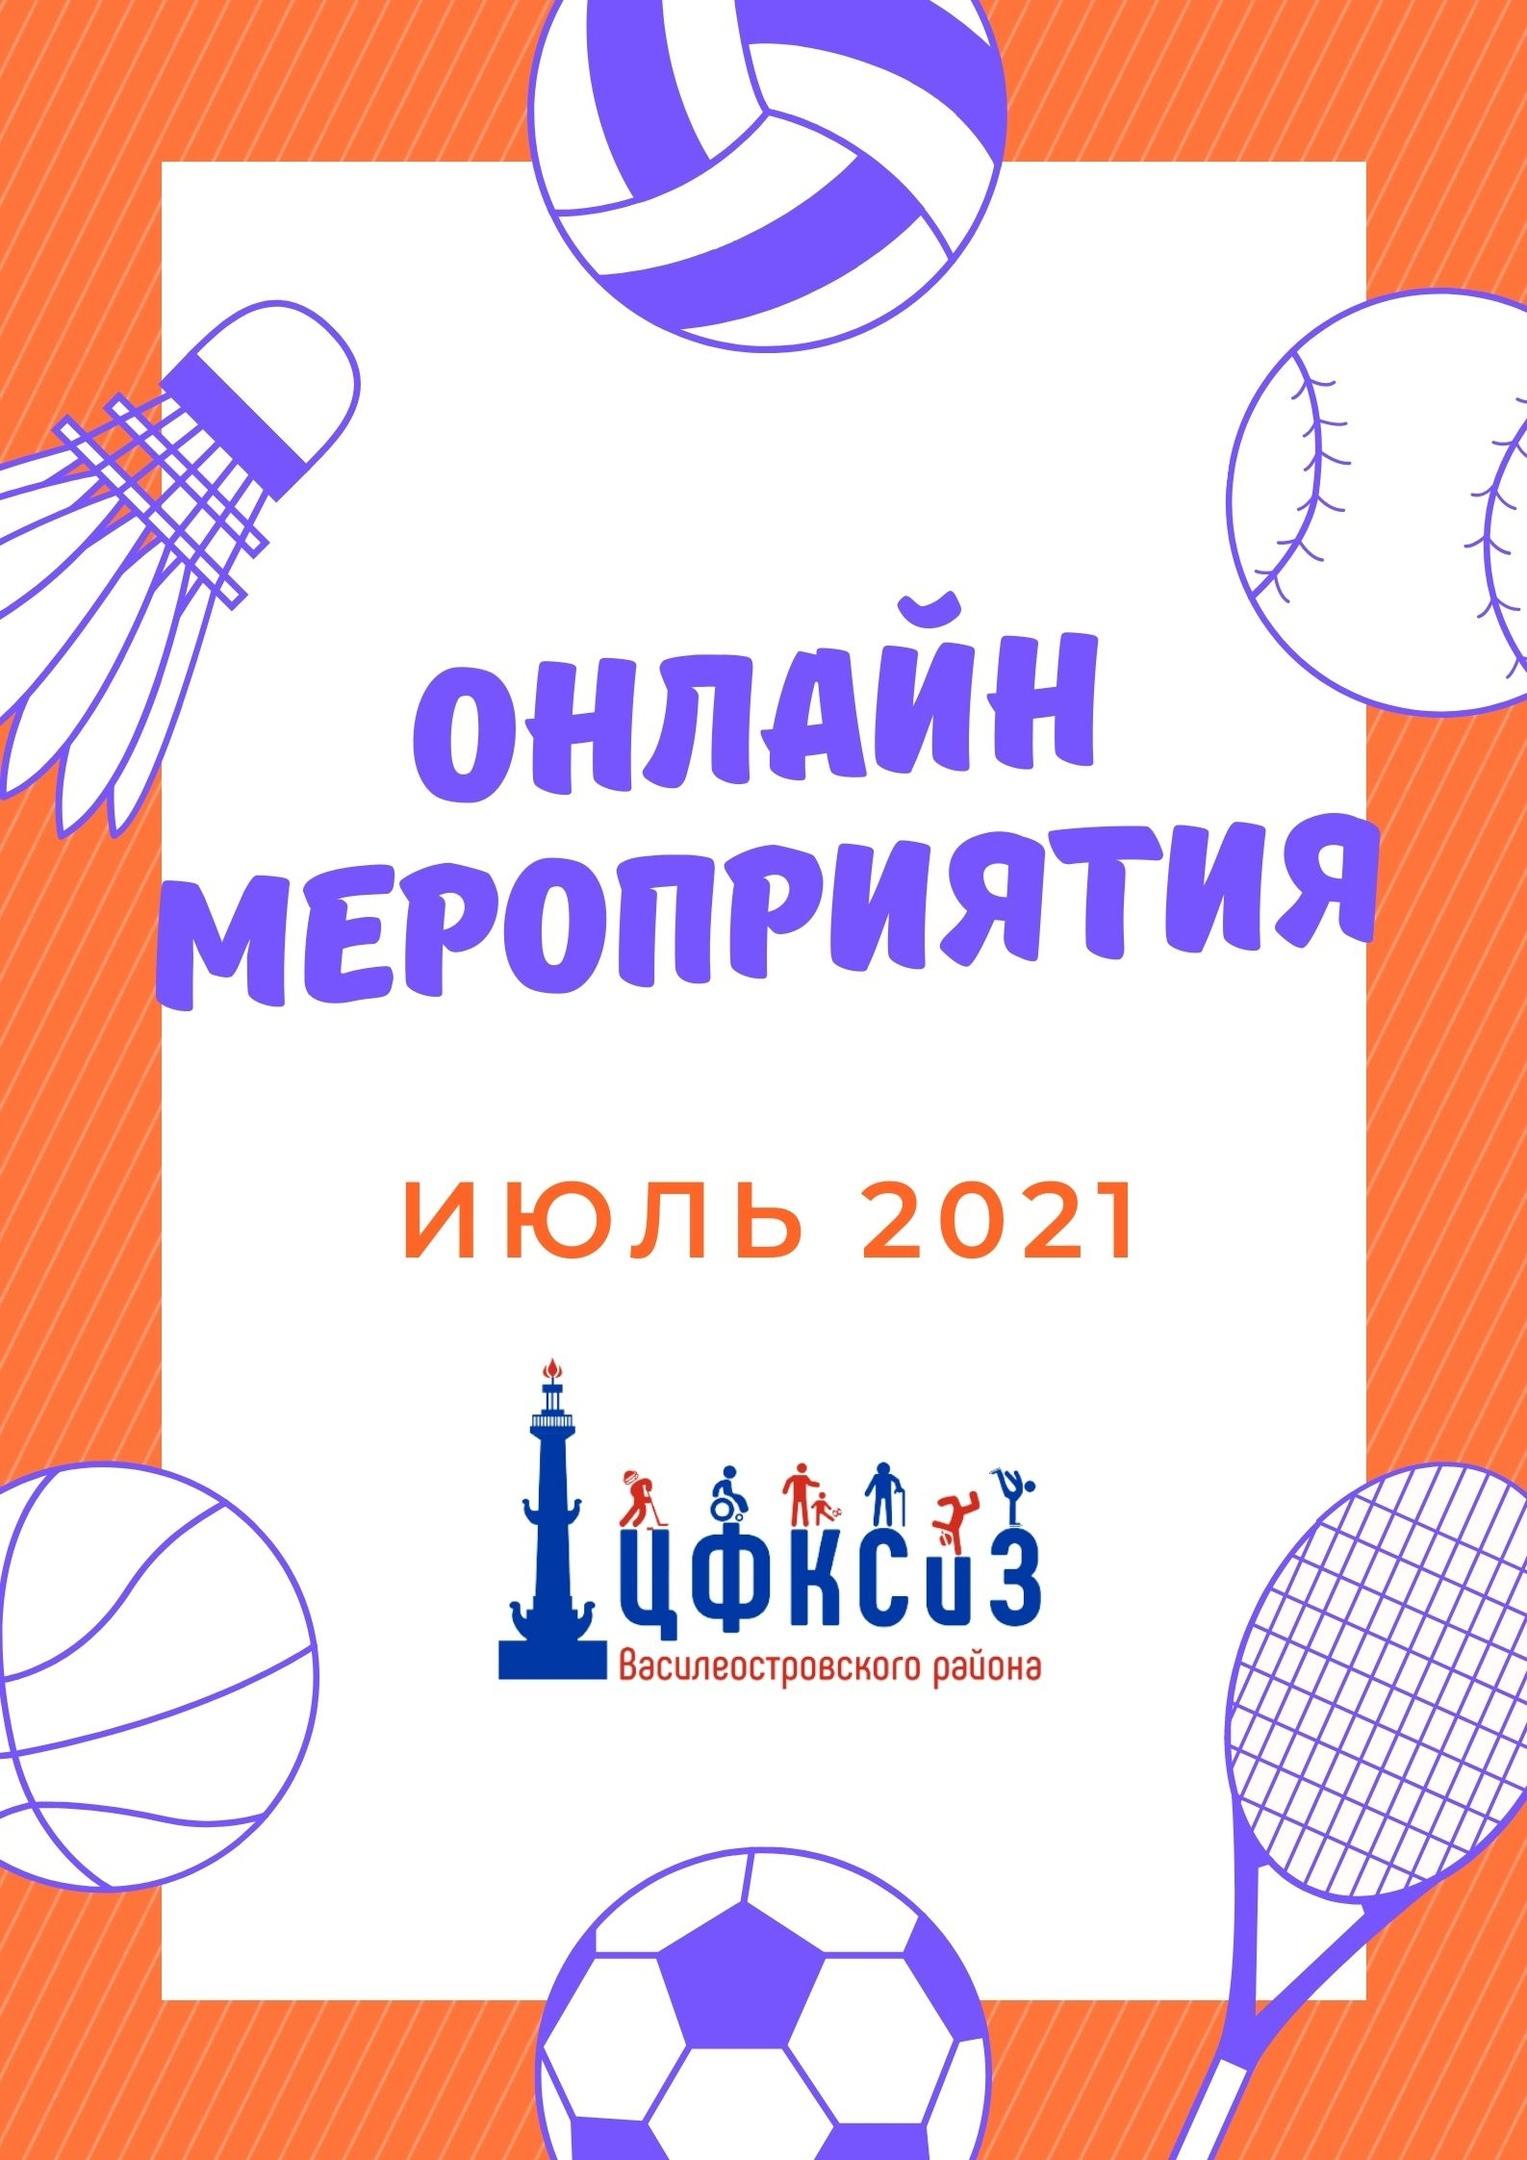 июль 2021 онлайн